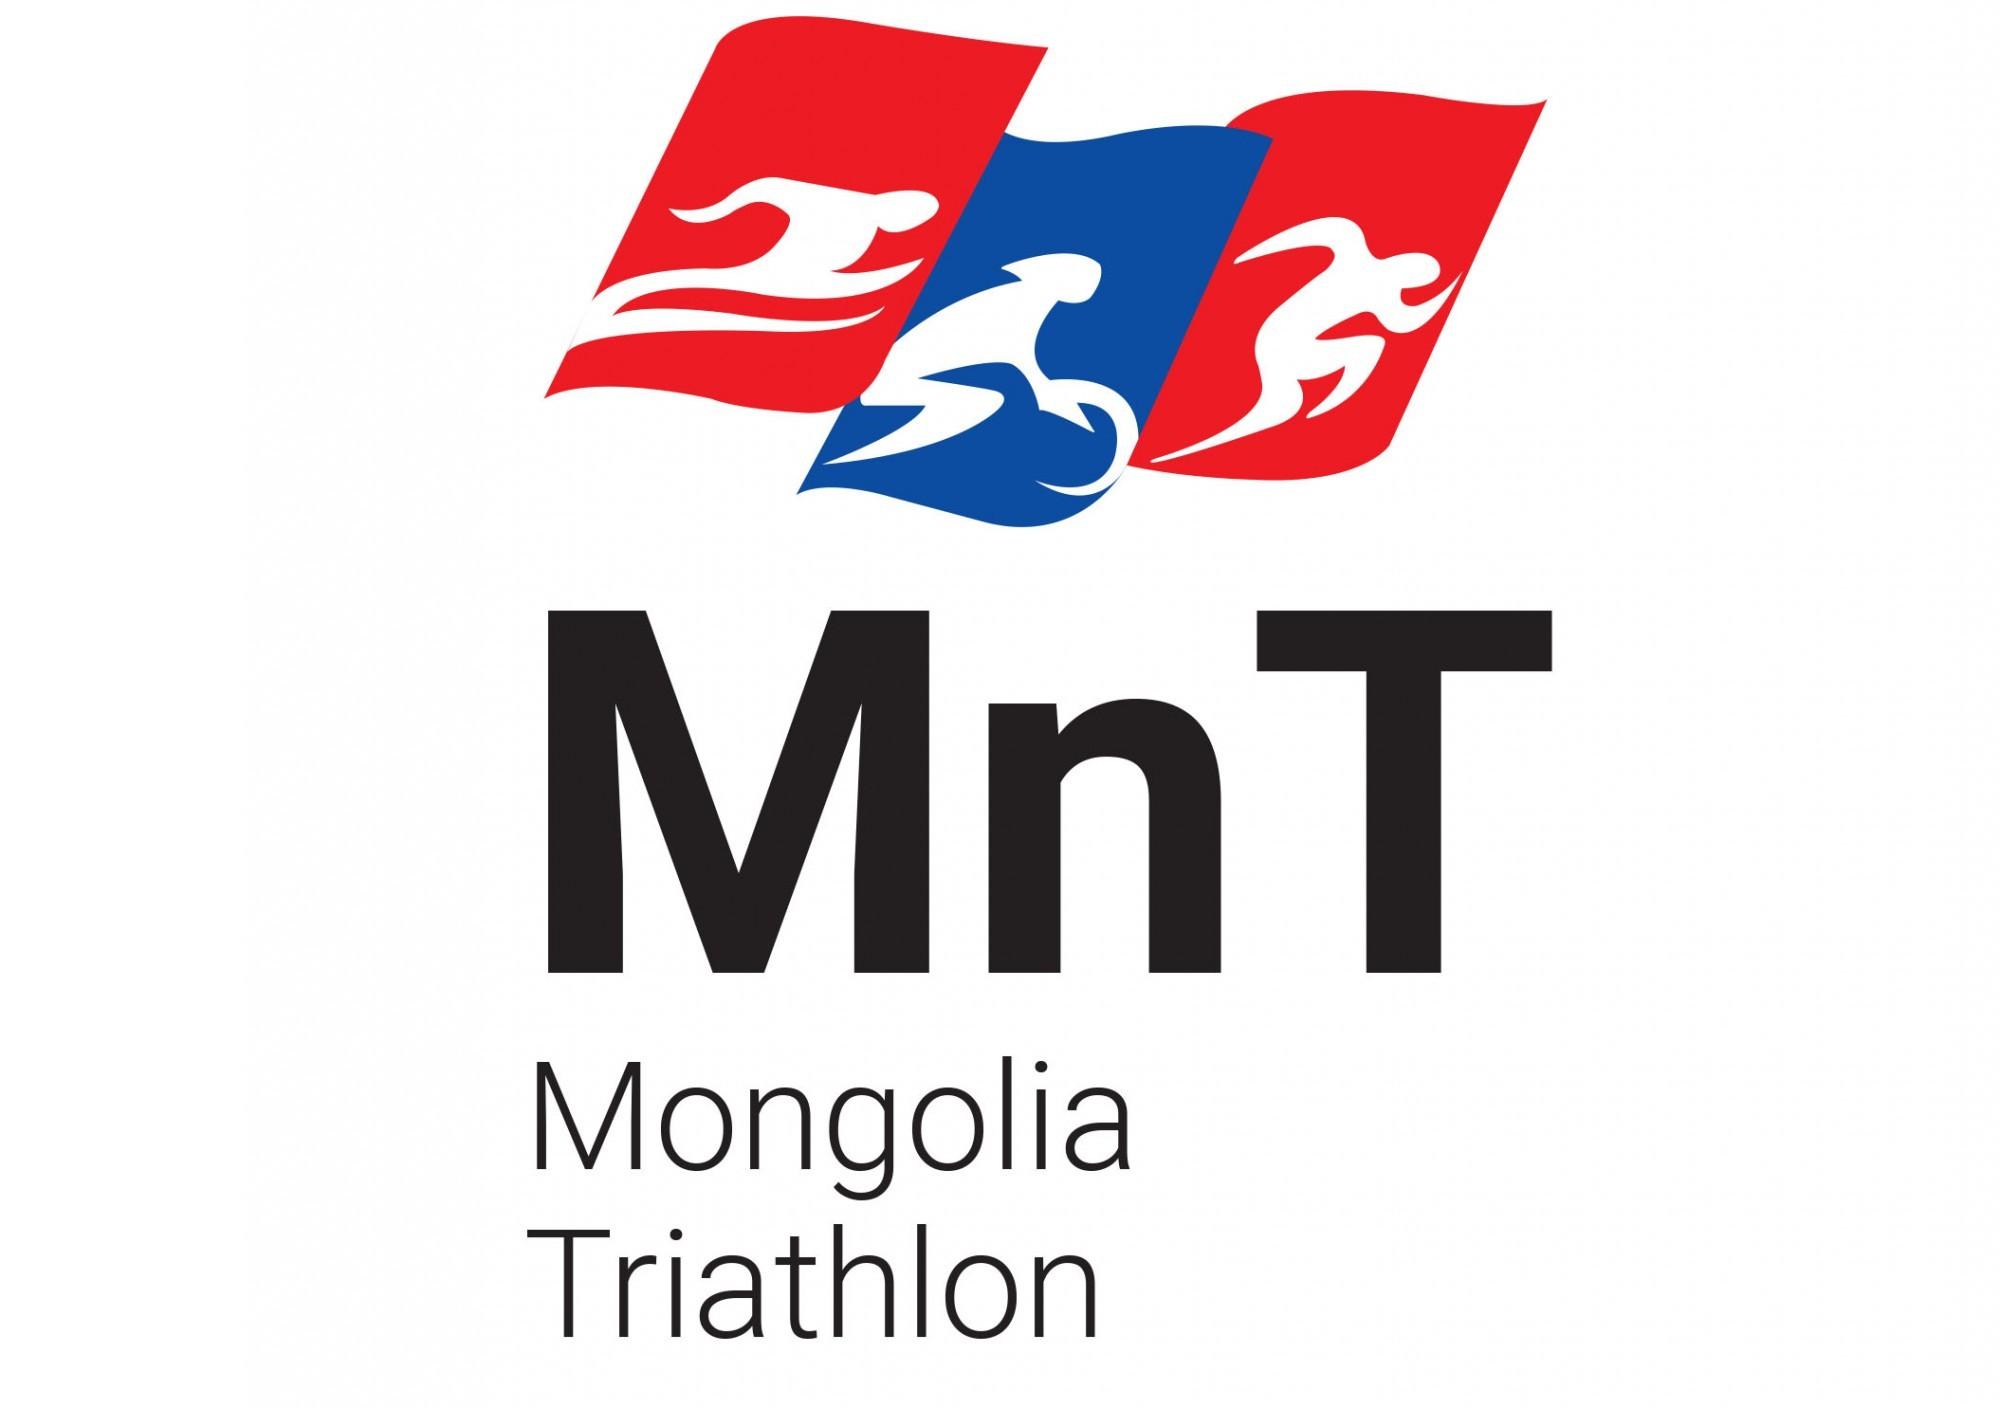 Mongolia Triathlon logo